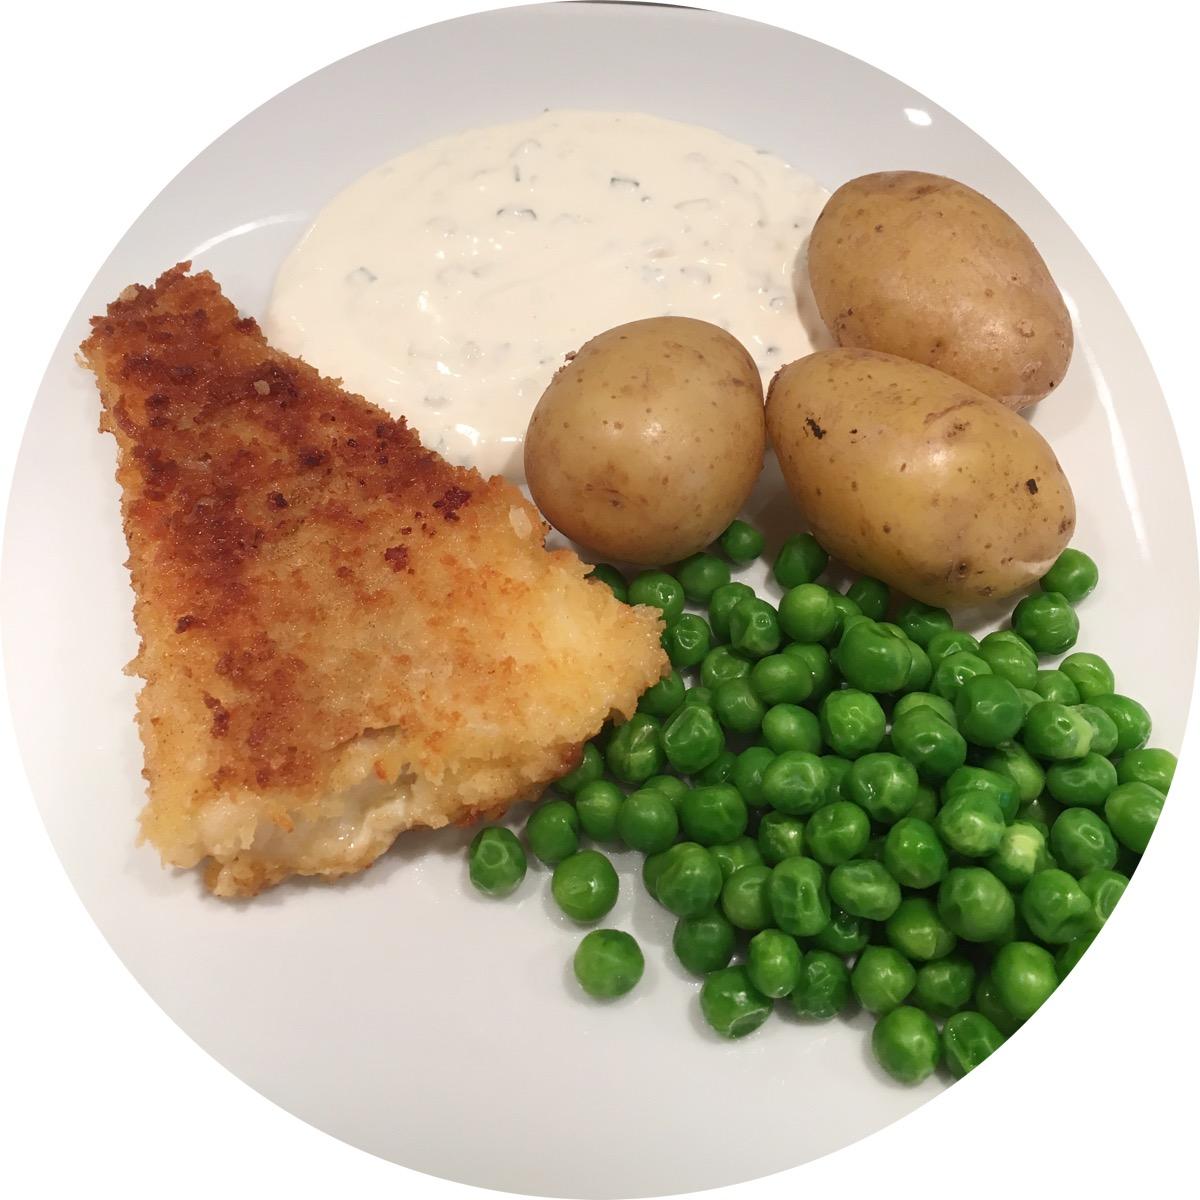 fisk potatis och kall sås